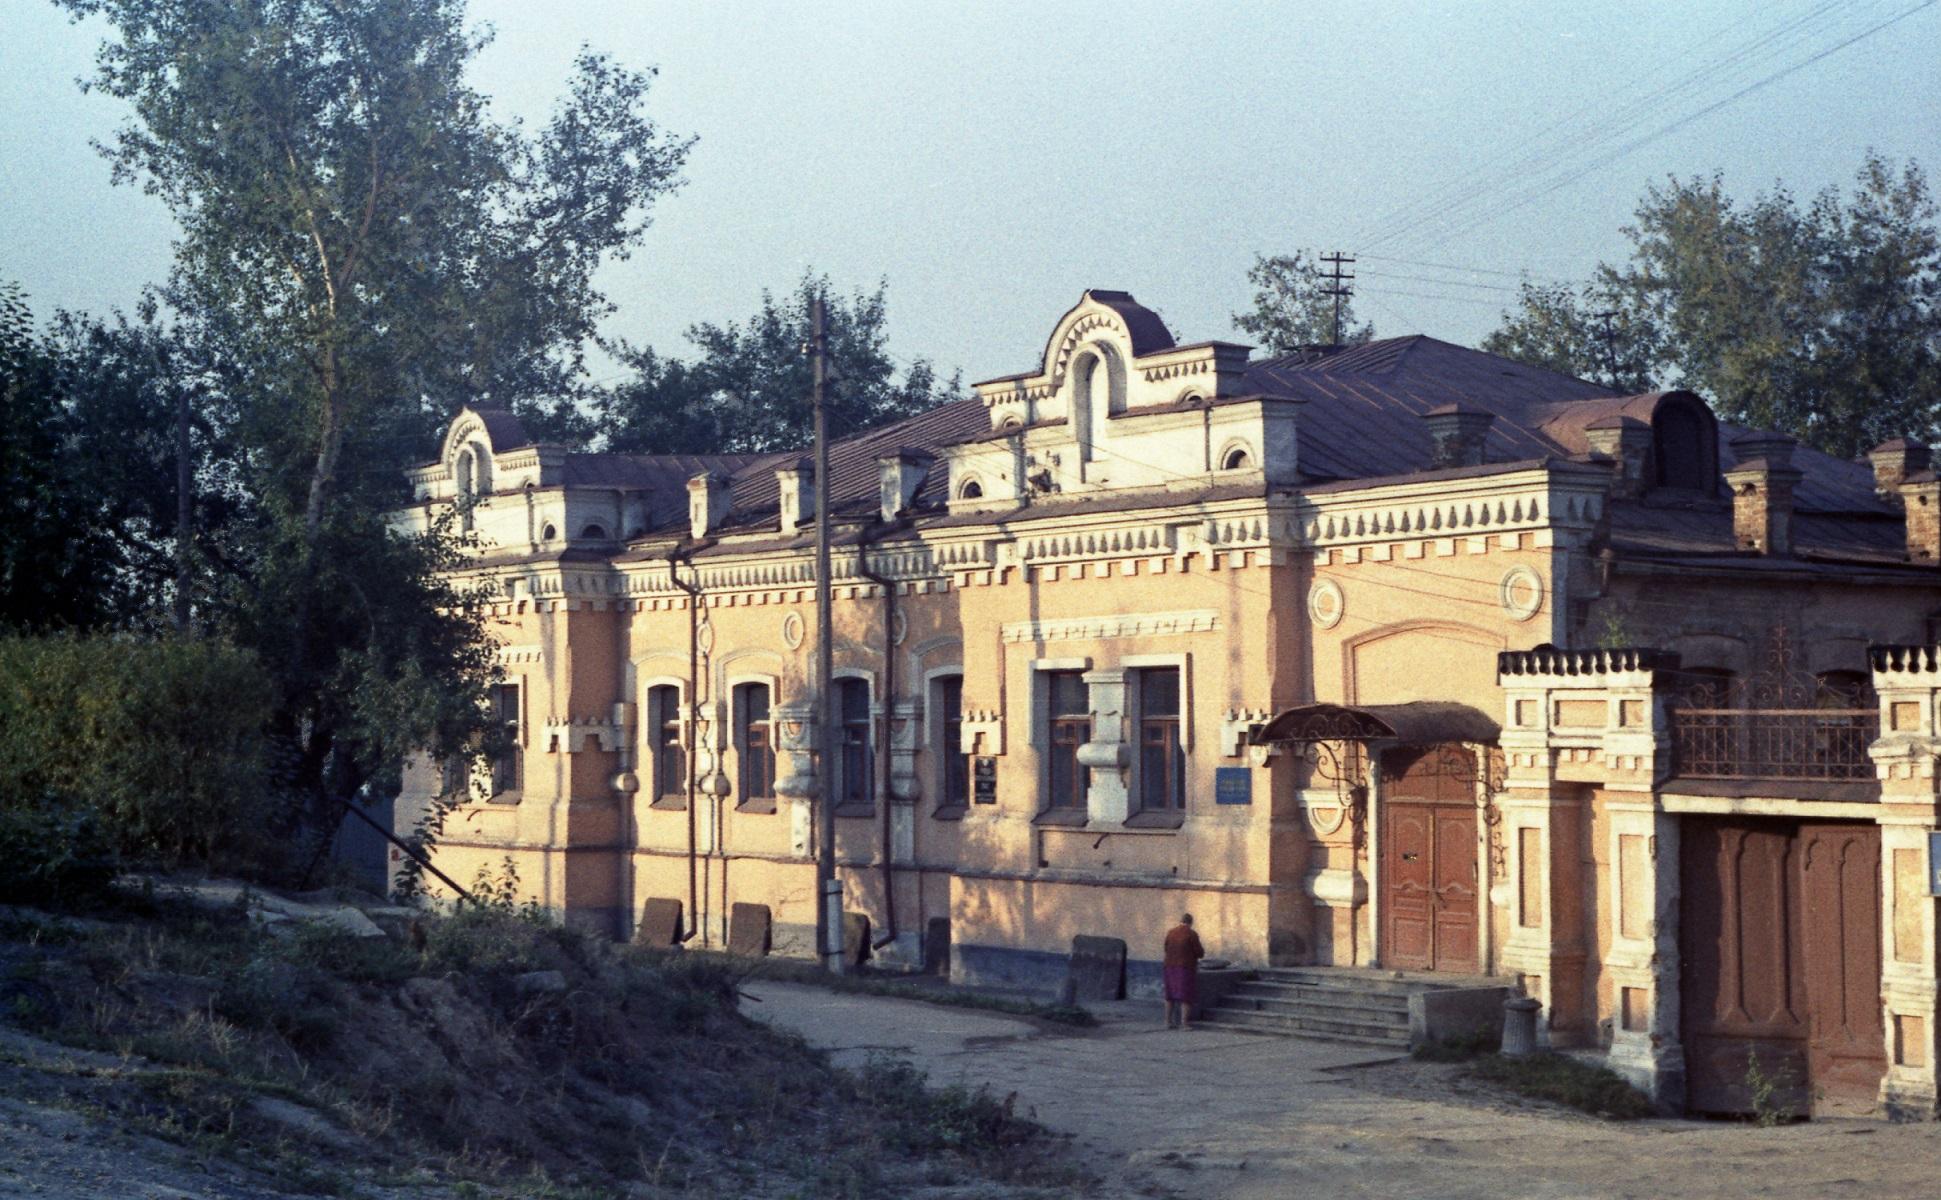 Фото дома ипатьевых в екатеринбурге